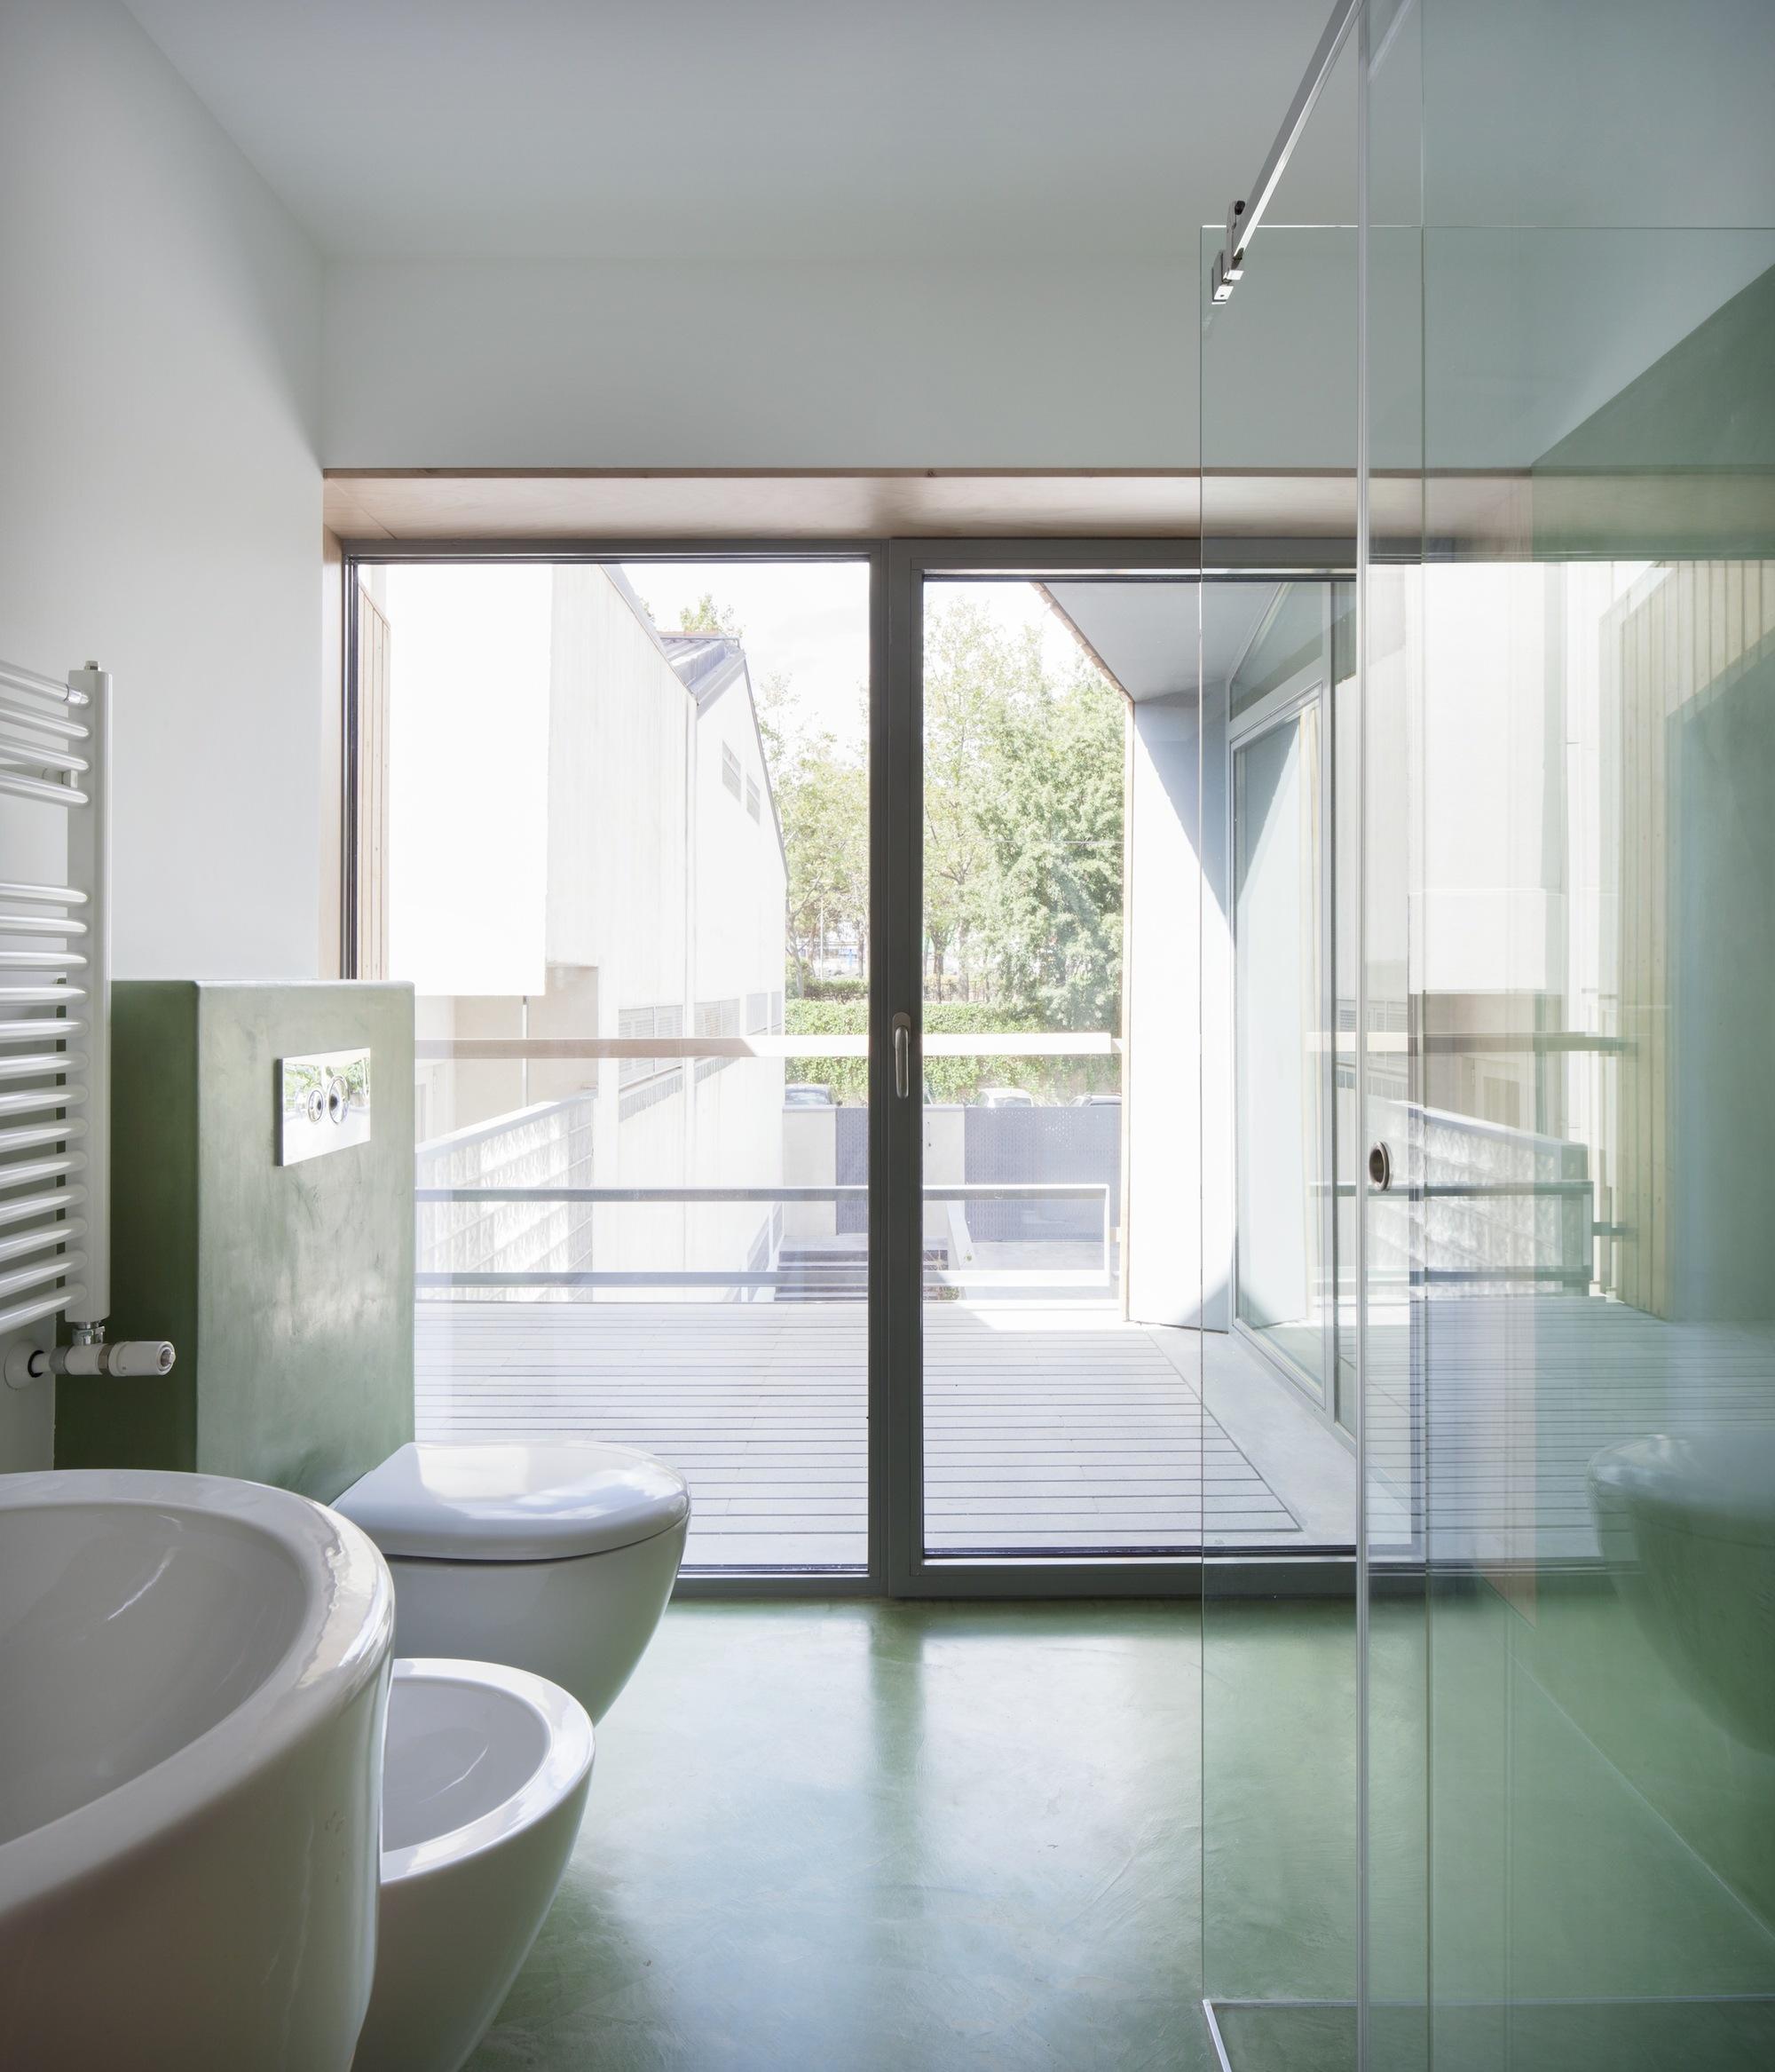 Casa SG / Tuttiarchitetti (8)